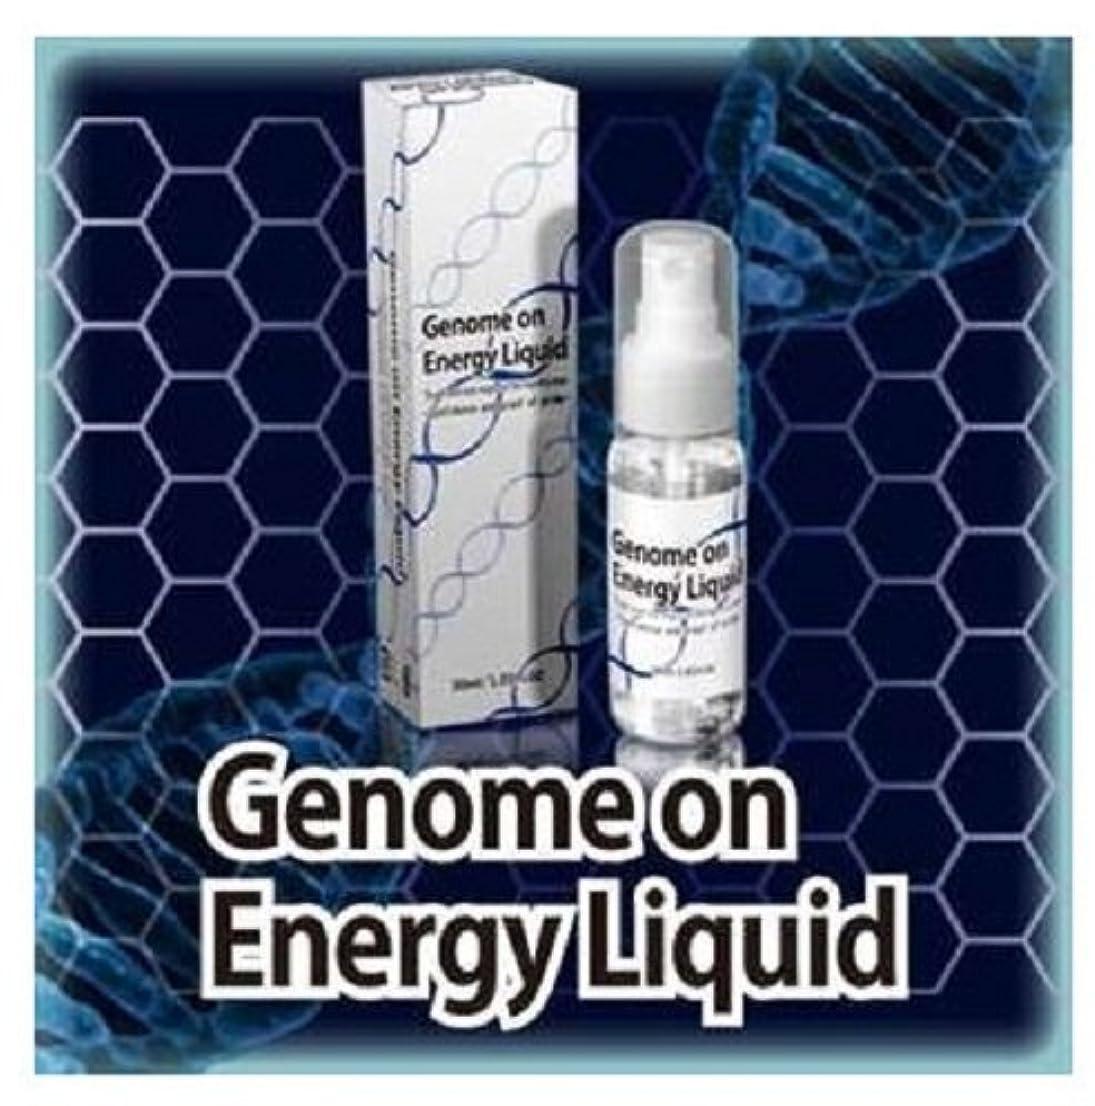 密接に突進かんたんゲノムオンエナジーリキッド Genome on Energy Liquid